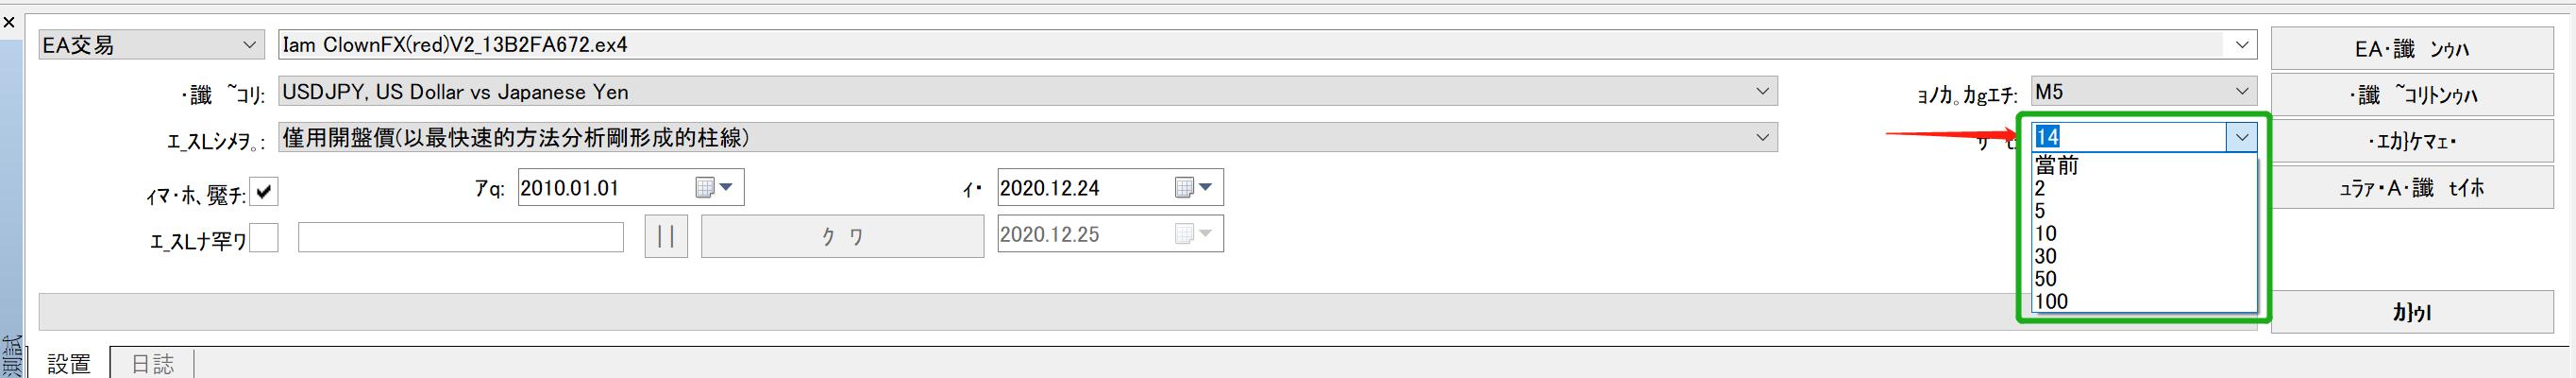 EA教學-EA測試界面選擇點差